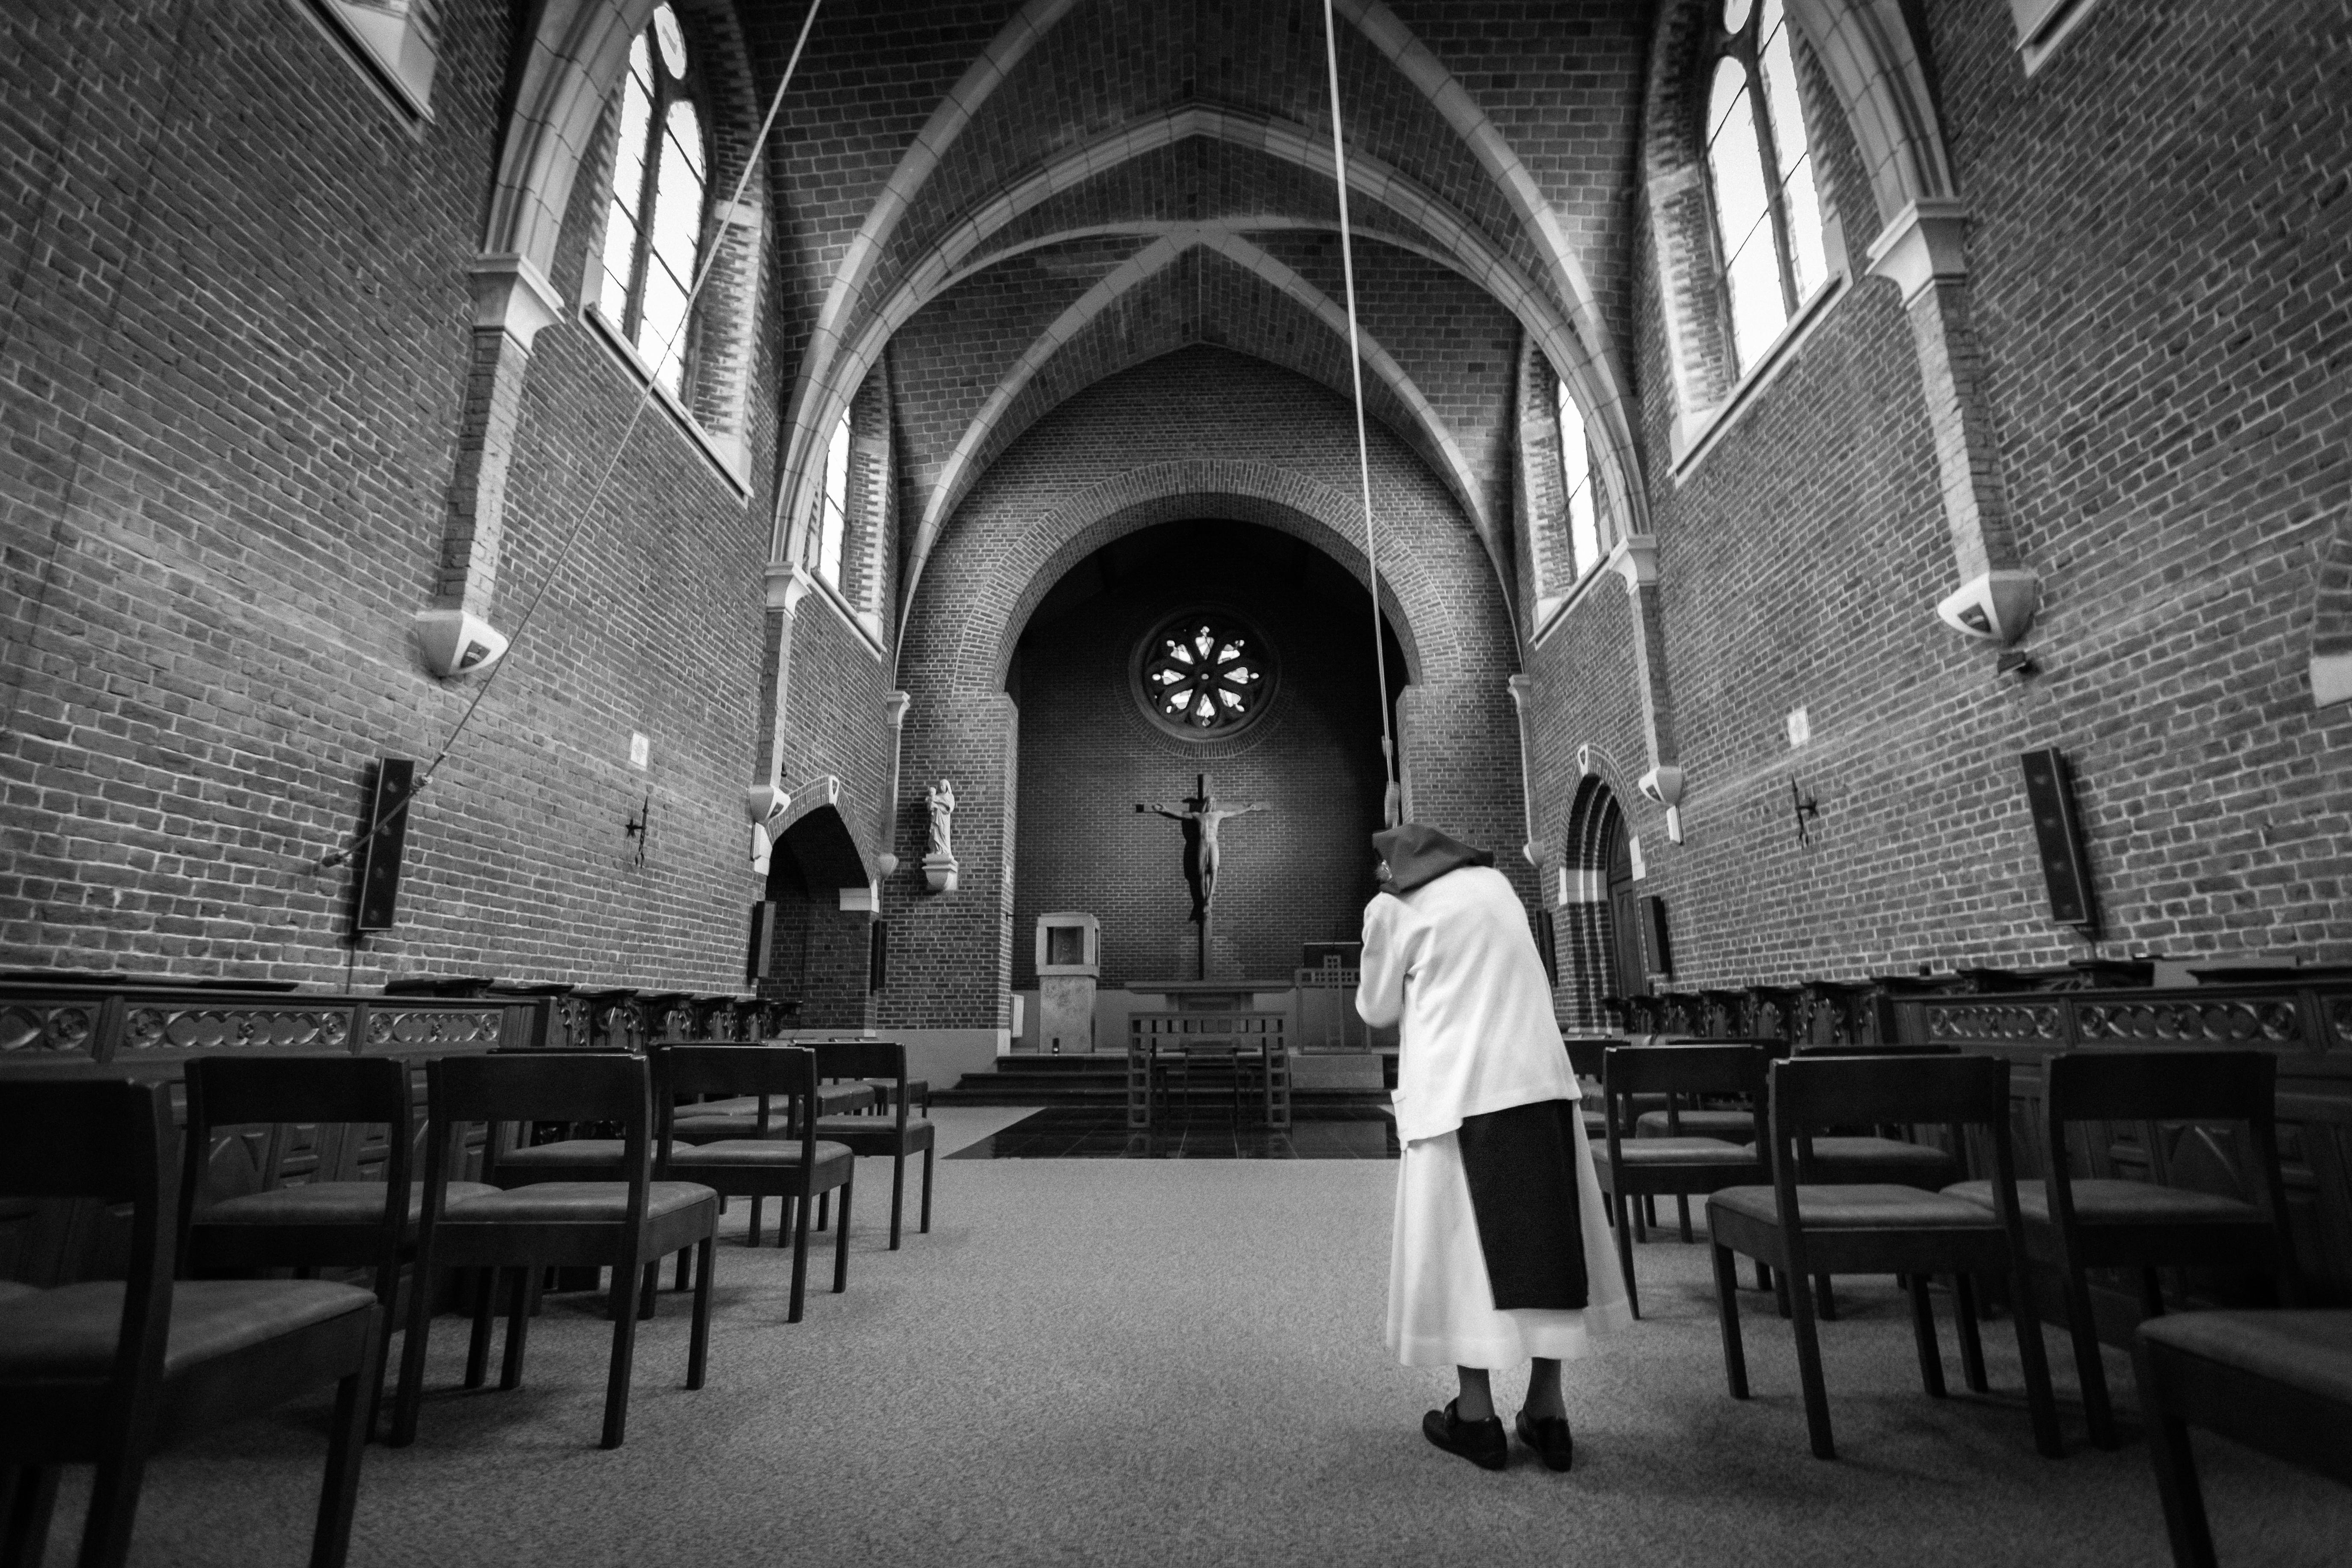 Silence et éternité: les Trappistes de Chimay